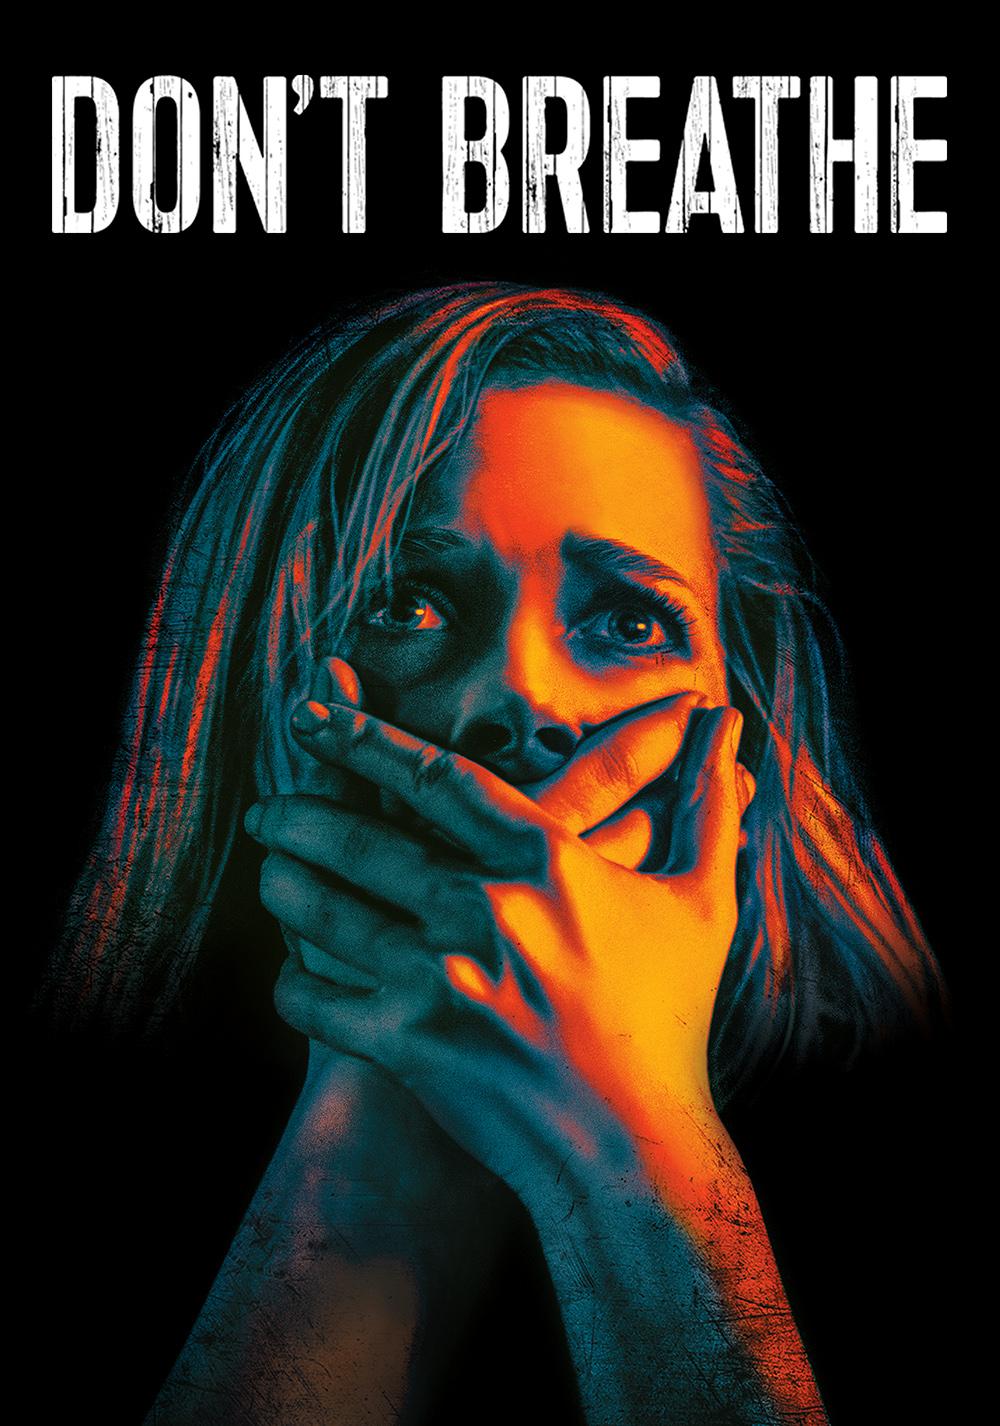 Don't Breathe | Movie fanart | fanart.tv